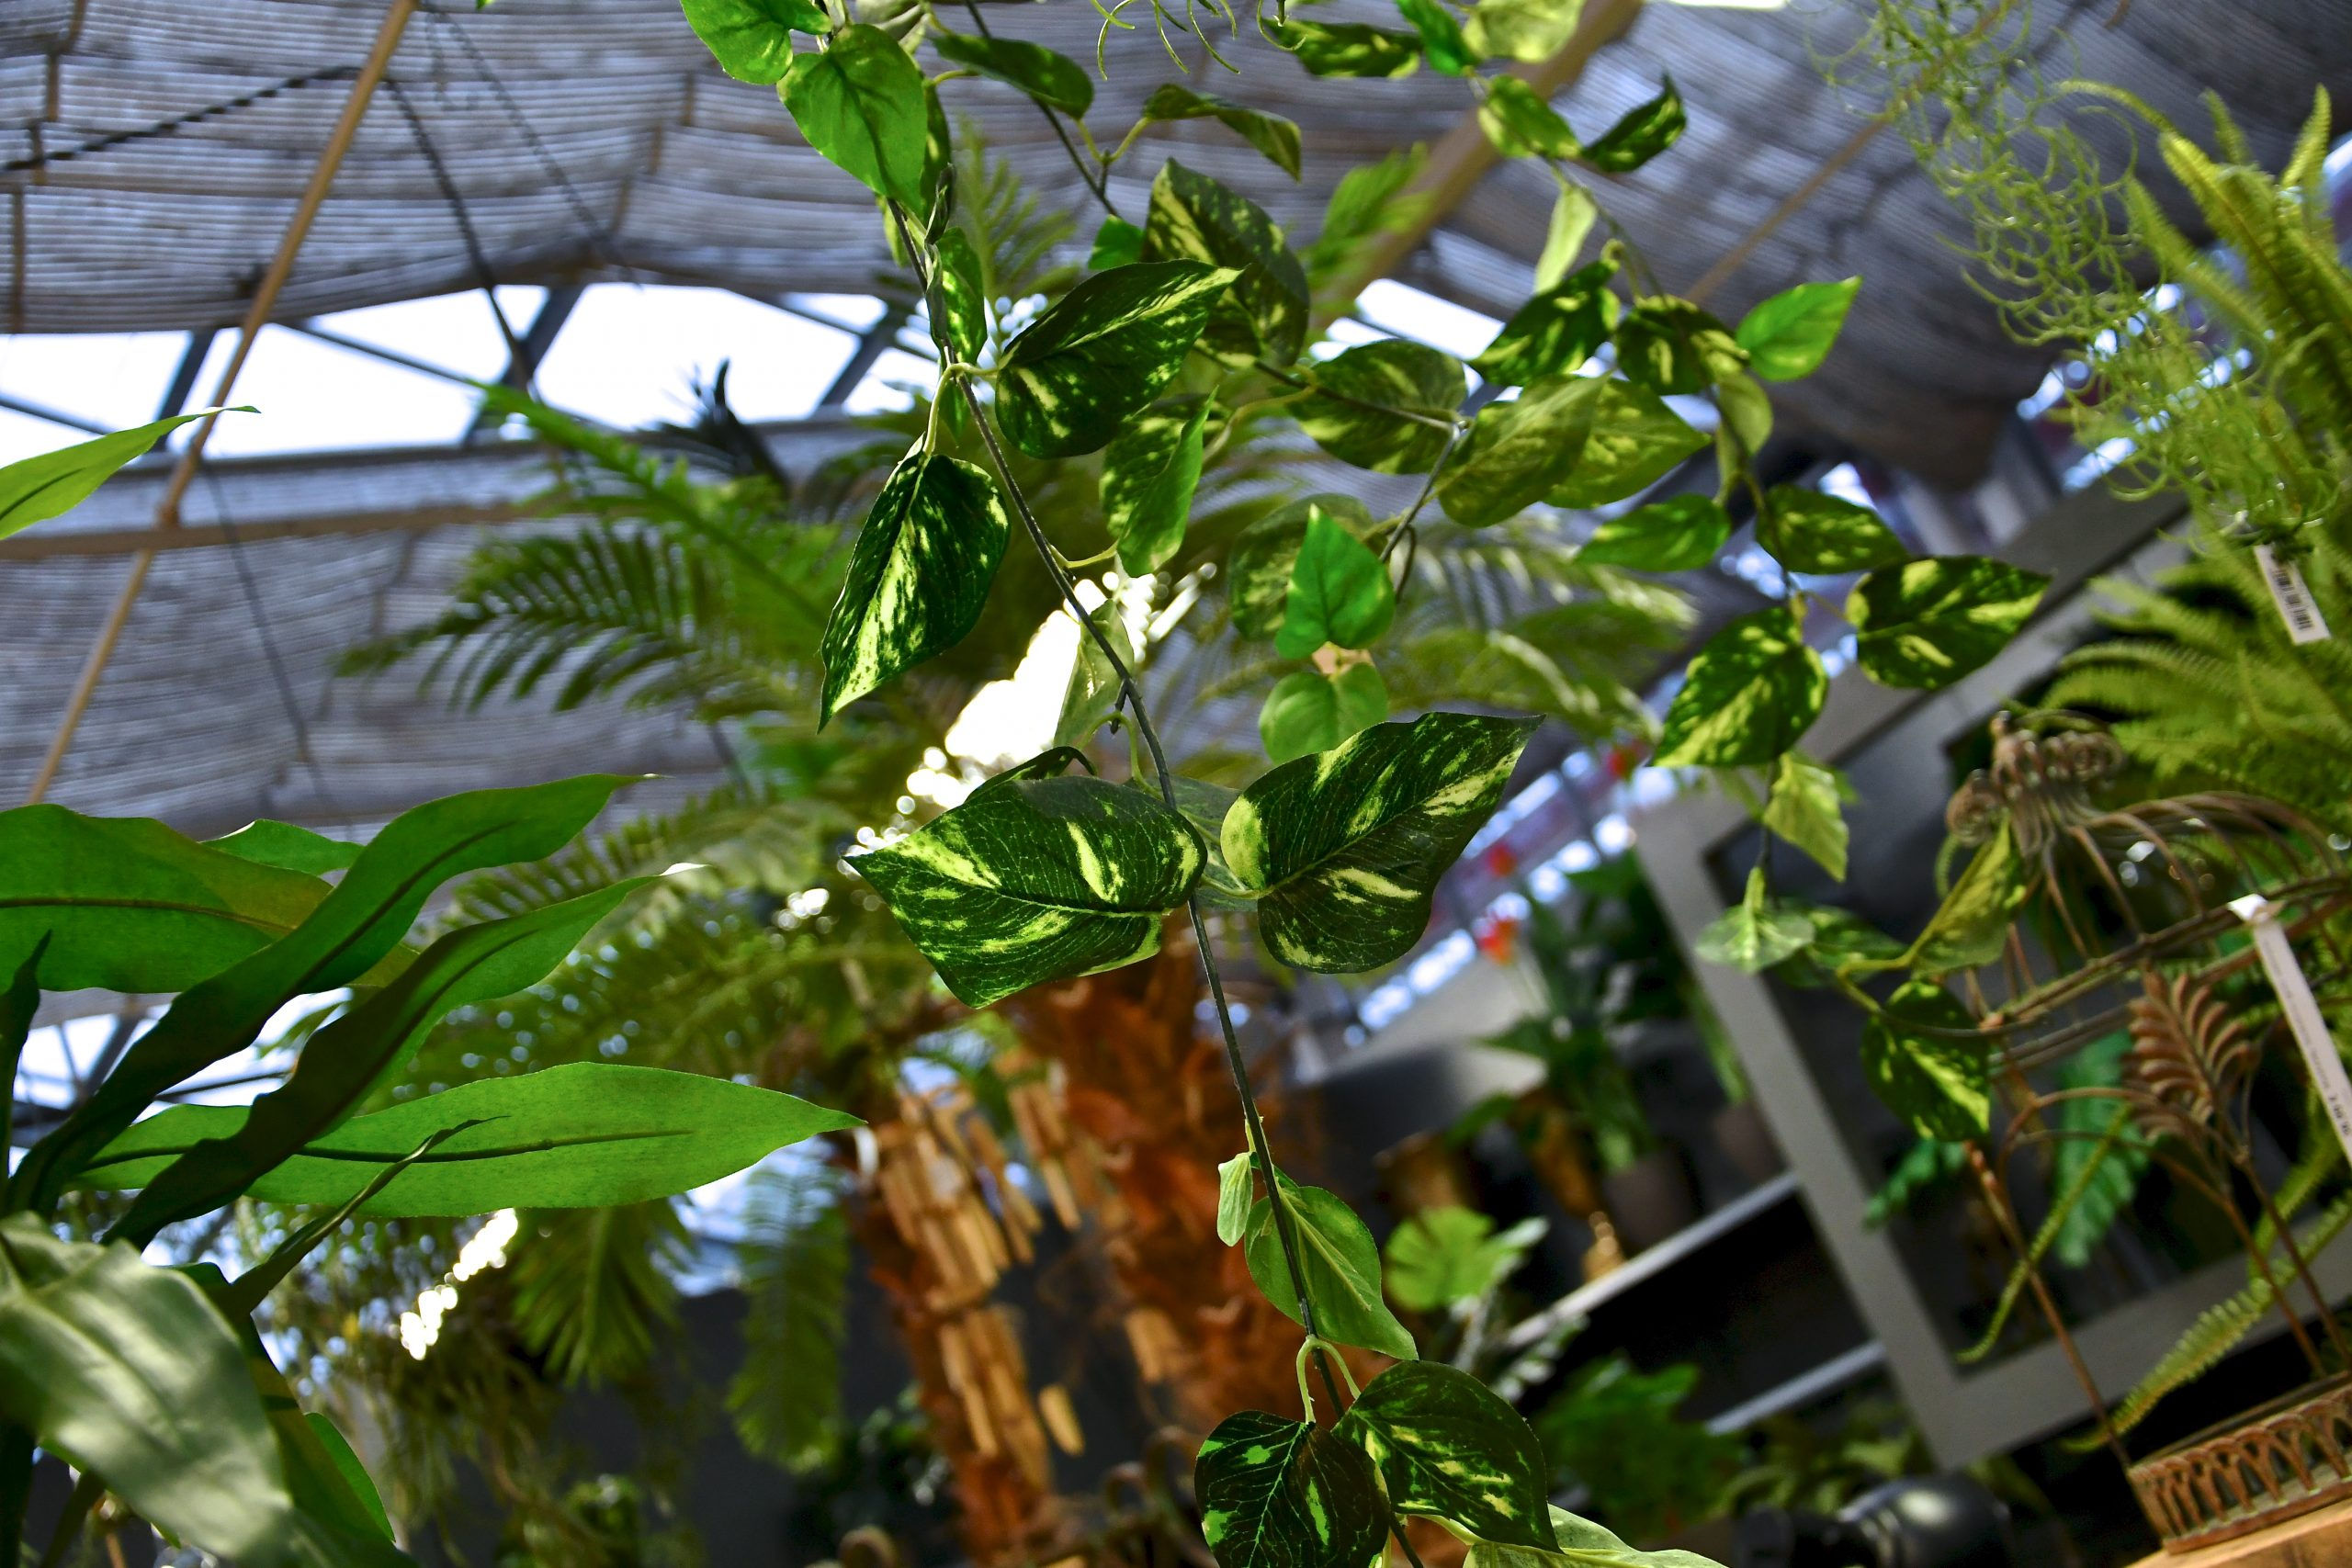 Konnen Kunstpflanzen Wachsen Je Nachdem Schon